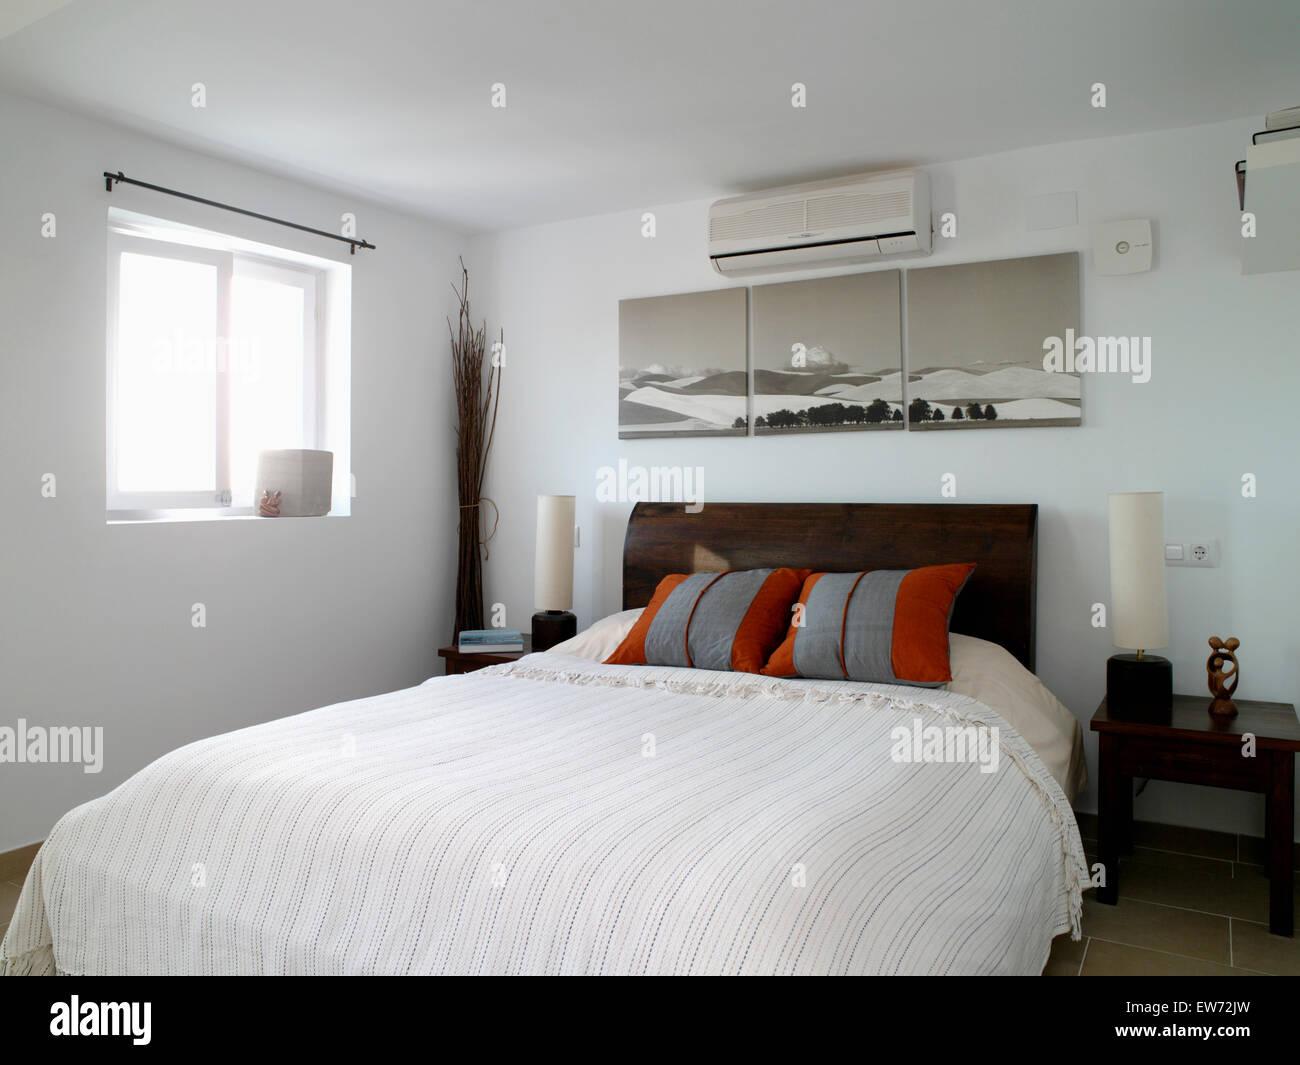 Klimaanlage Einheit und großes Bild über dem Bett mit grau + rote ...